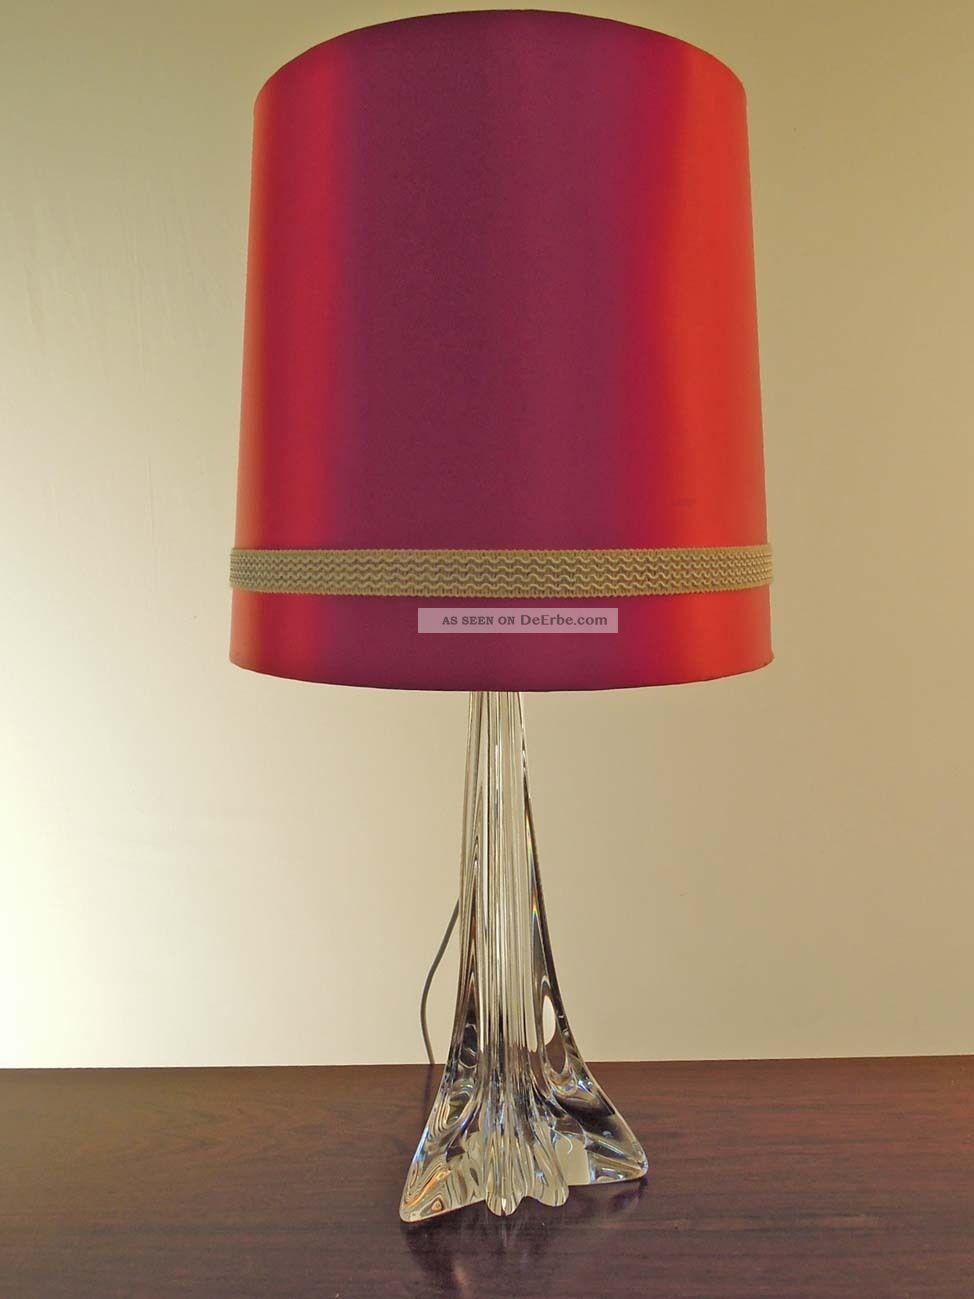 murano glas lampe lampenfu 70er jahre tischlampe. Black Bedroom Furniture Sets. Home Design Ideas